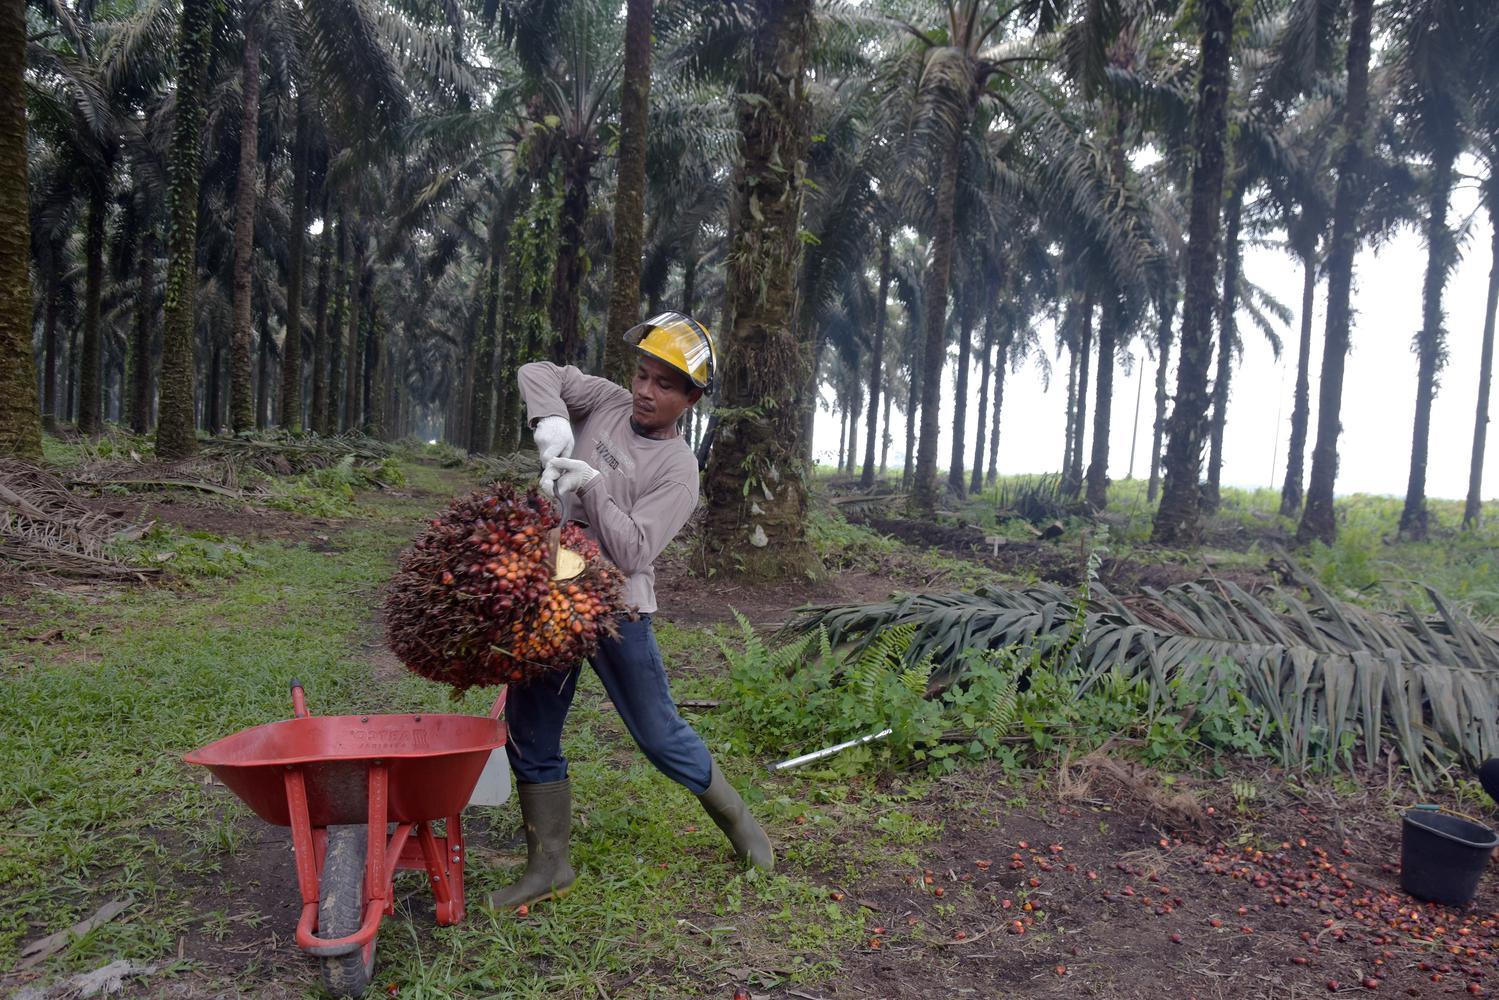 Petani Kirim Surat Protes ke Sri Mulyani soal Pungutan Ekspor Sawit.